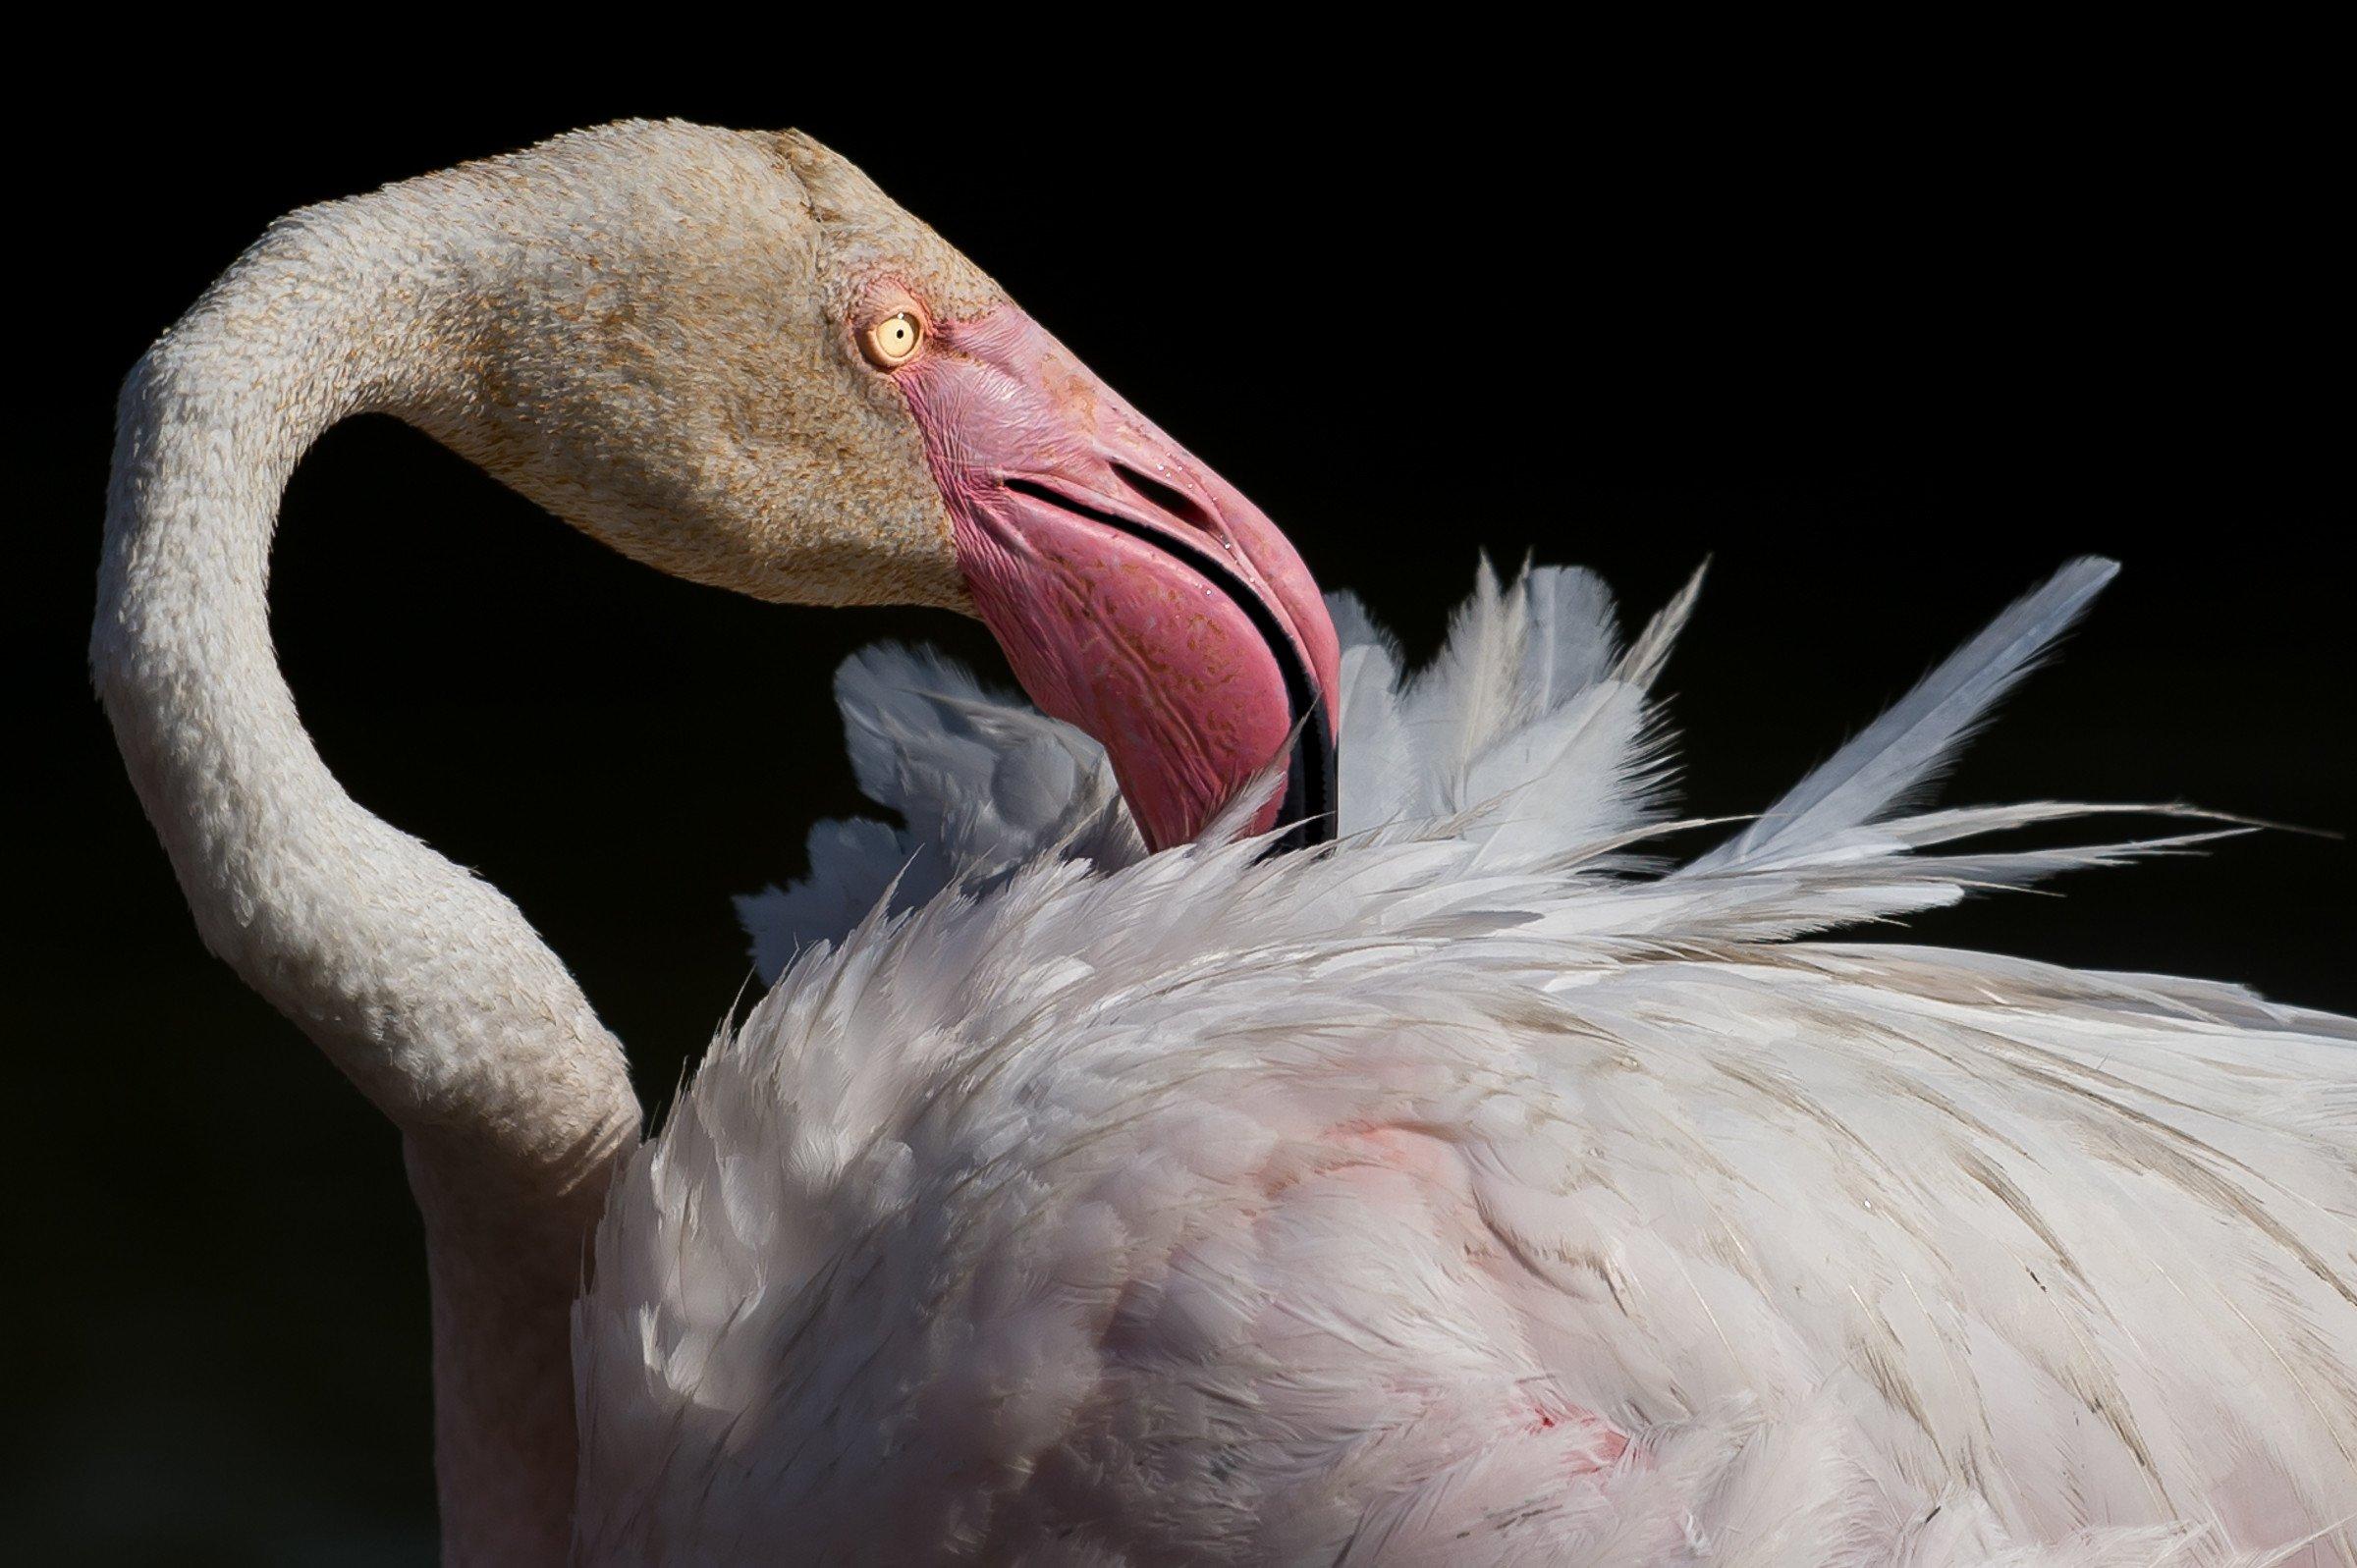 vogels BHW 2944